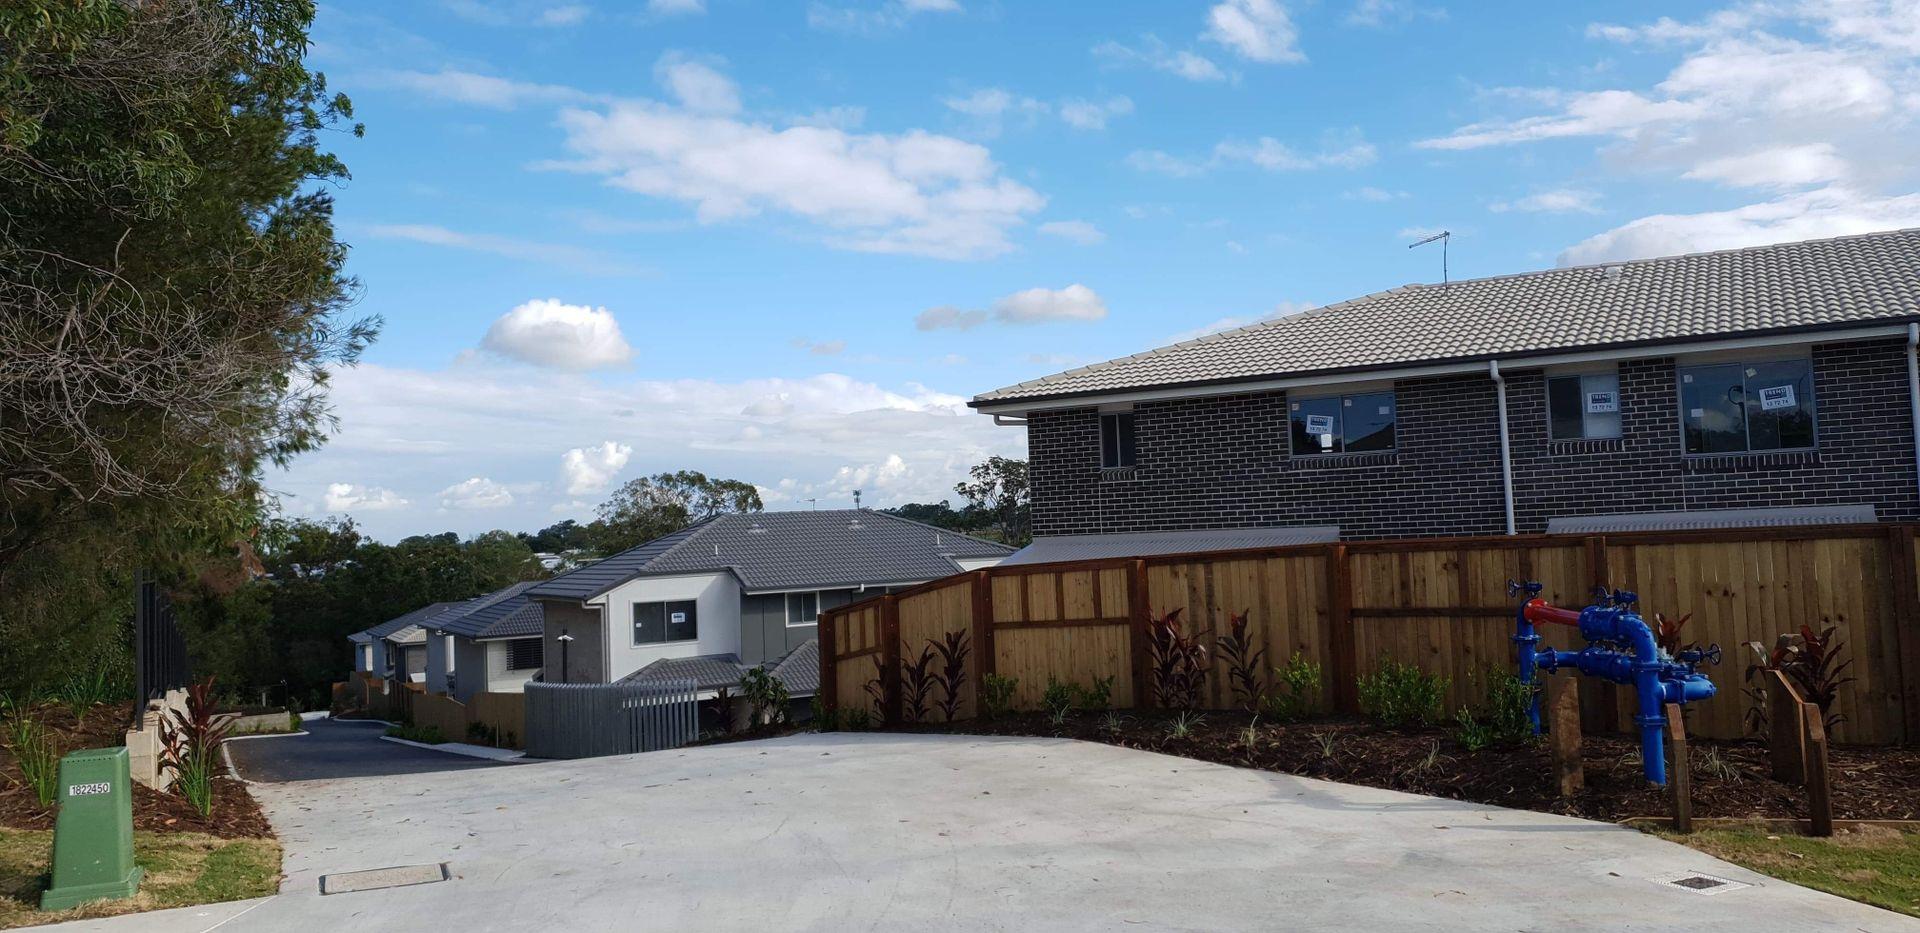 2/9 BRUSHWOOD COURT, Mango Hill QLD 4509, Image 0